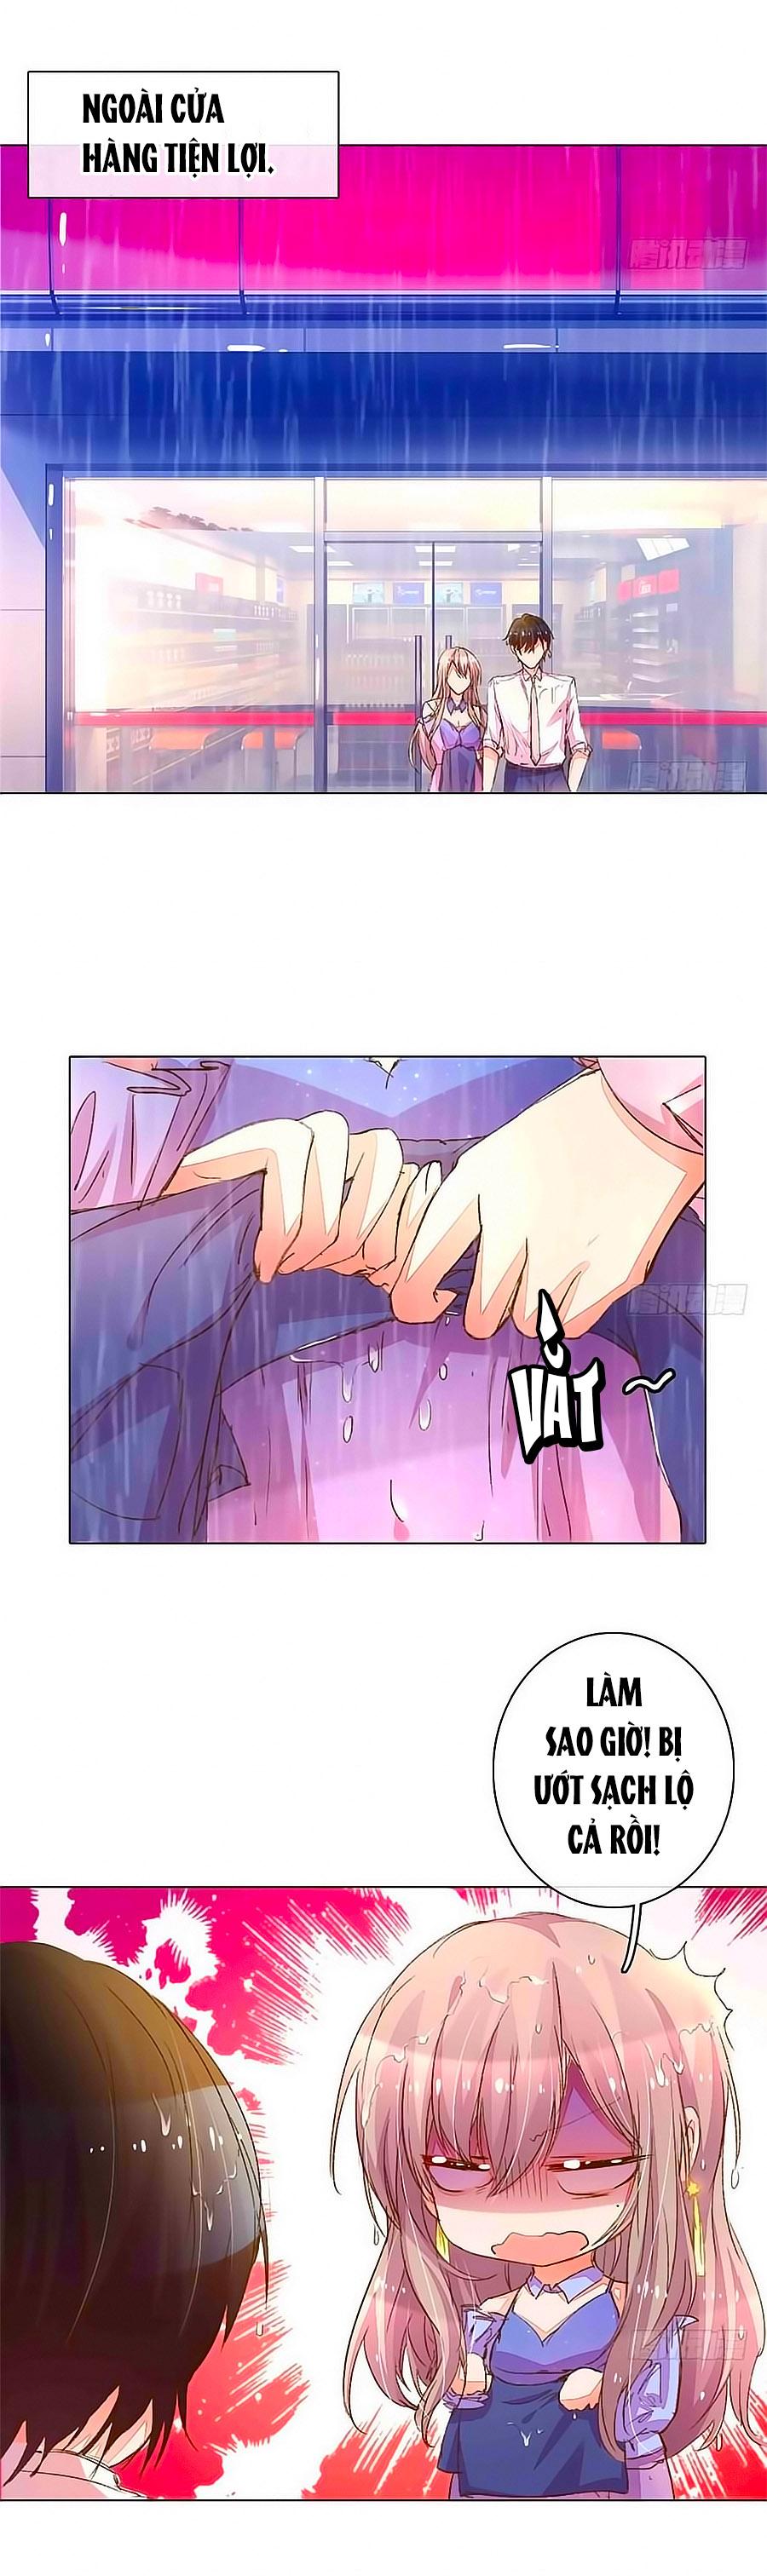 Hào Môn Tiểu Lãn Thê chap 71 - Trang 5